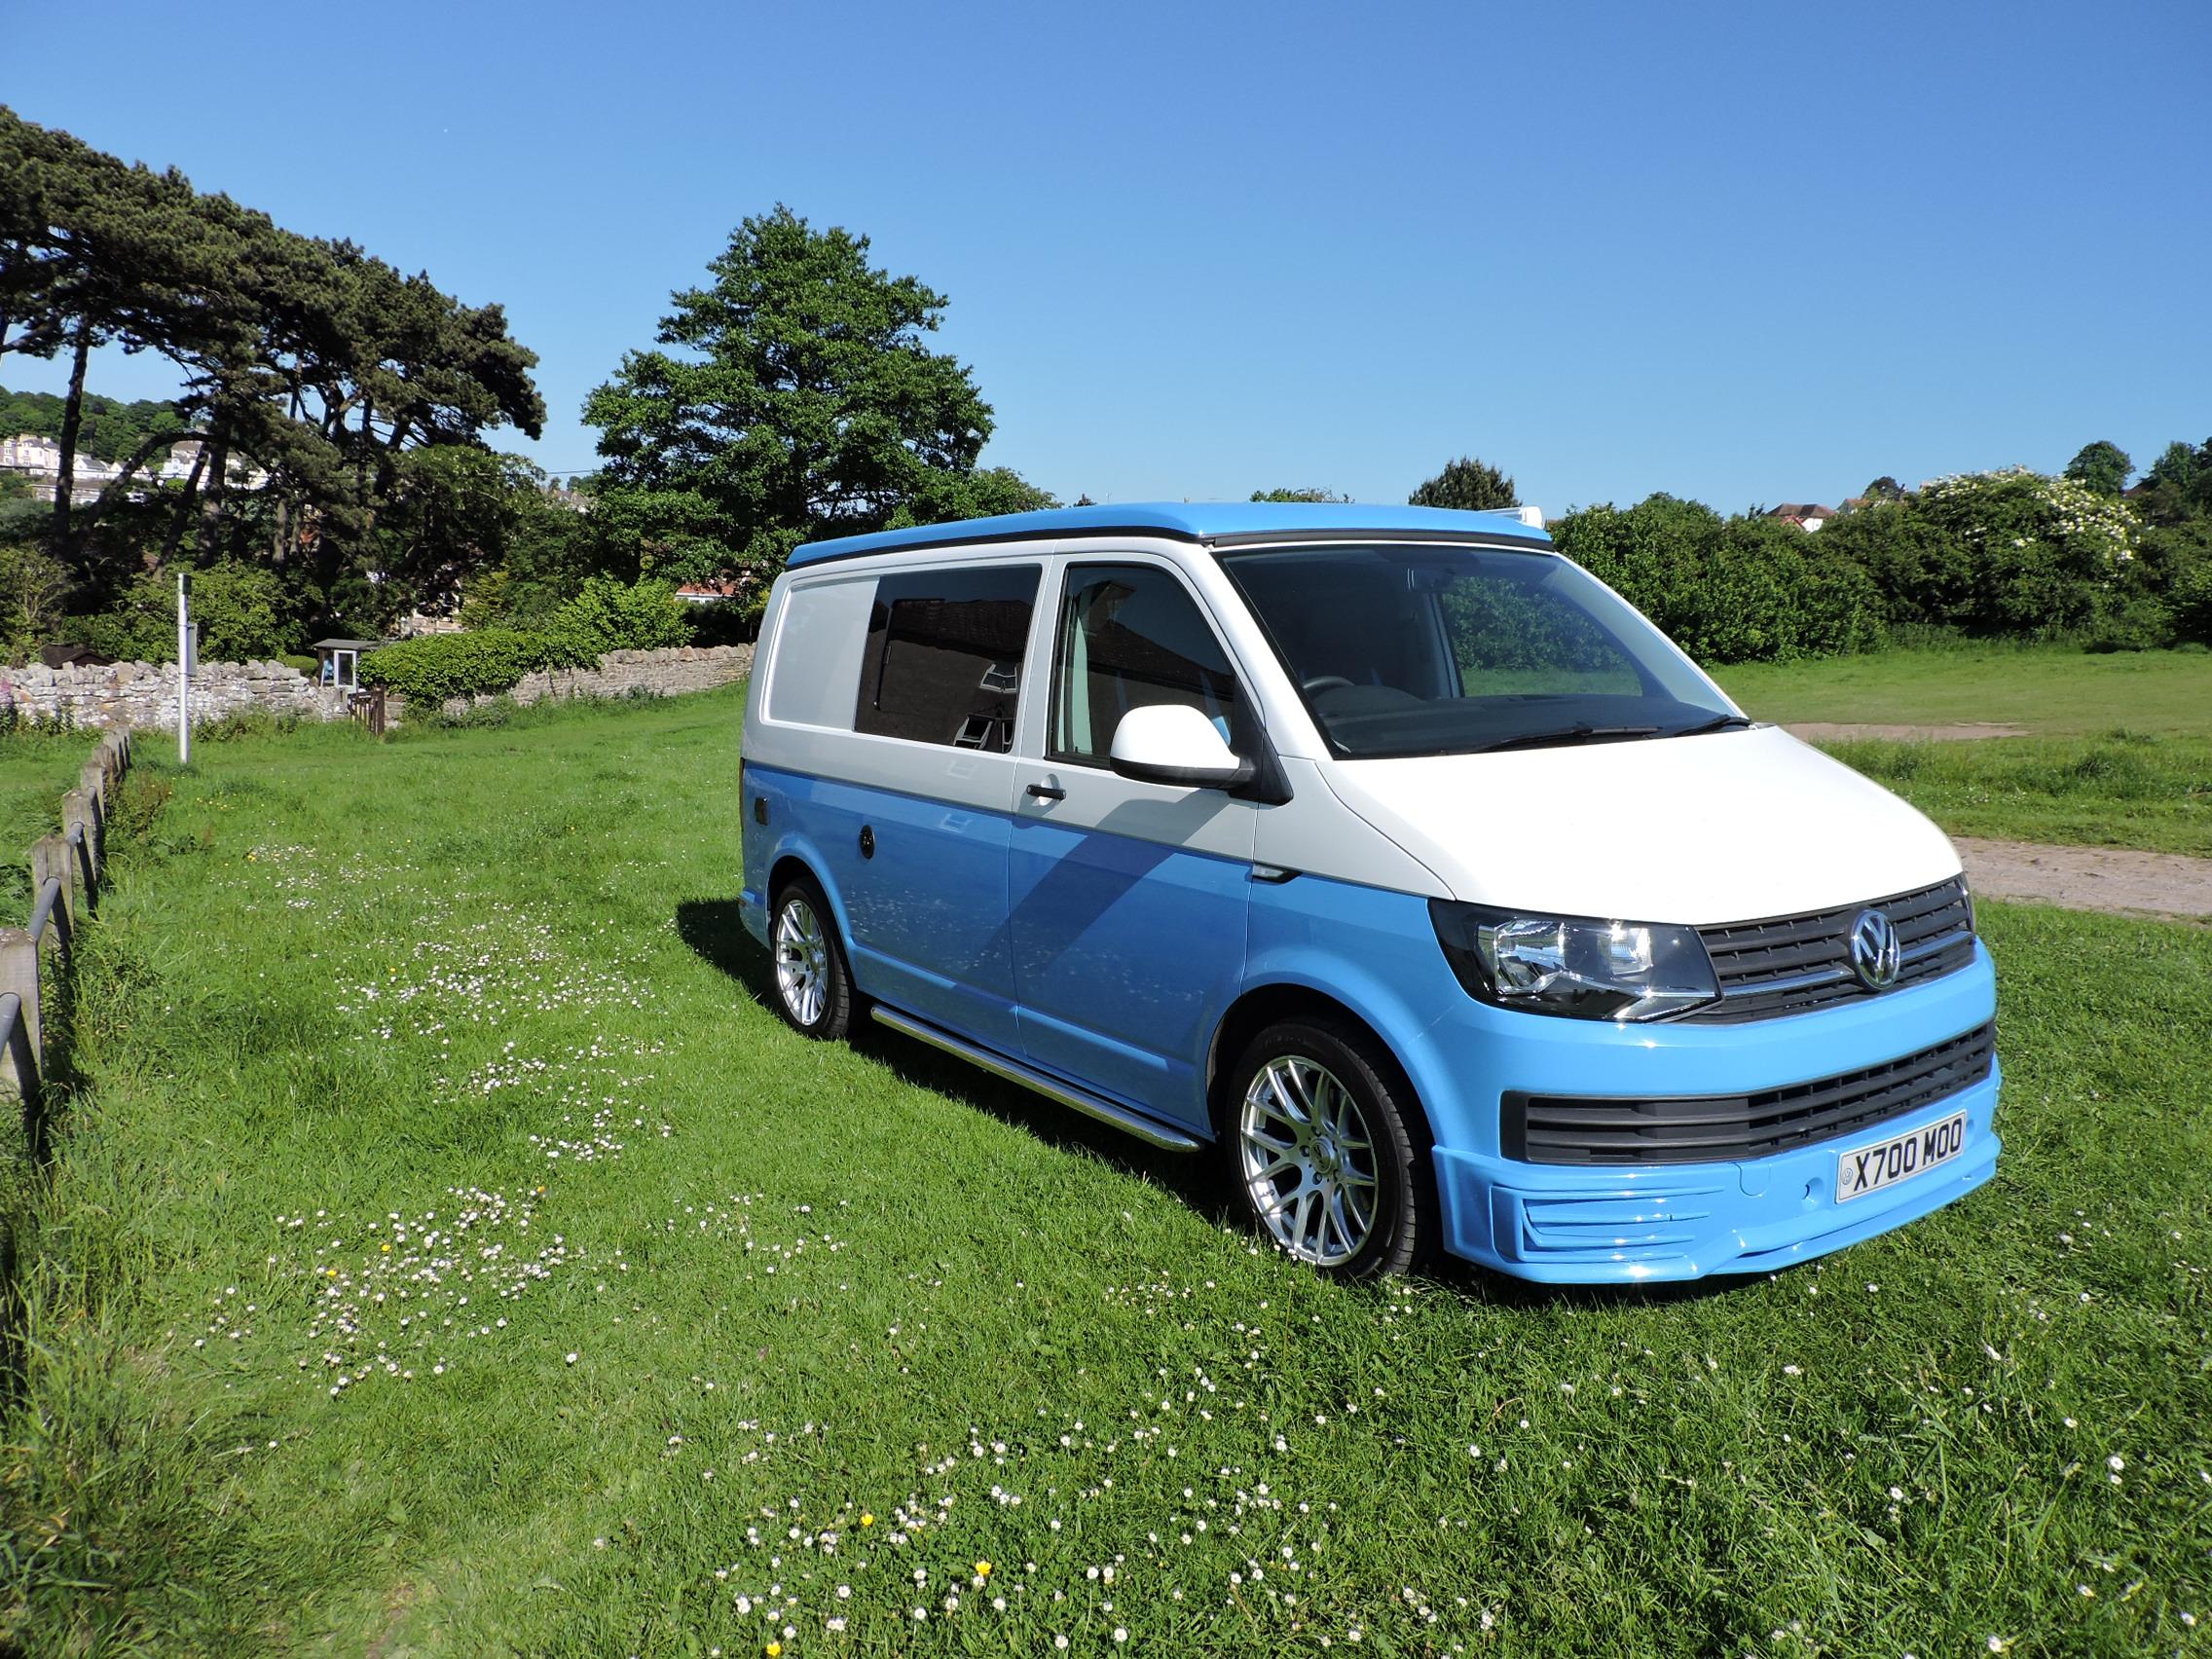 Blue VW hire